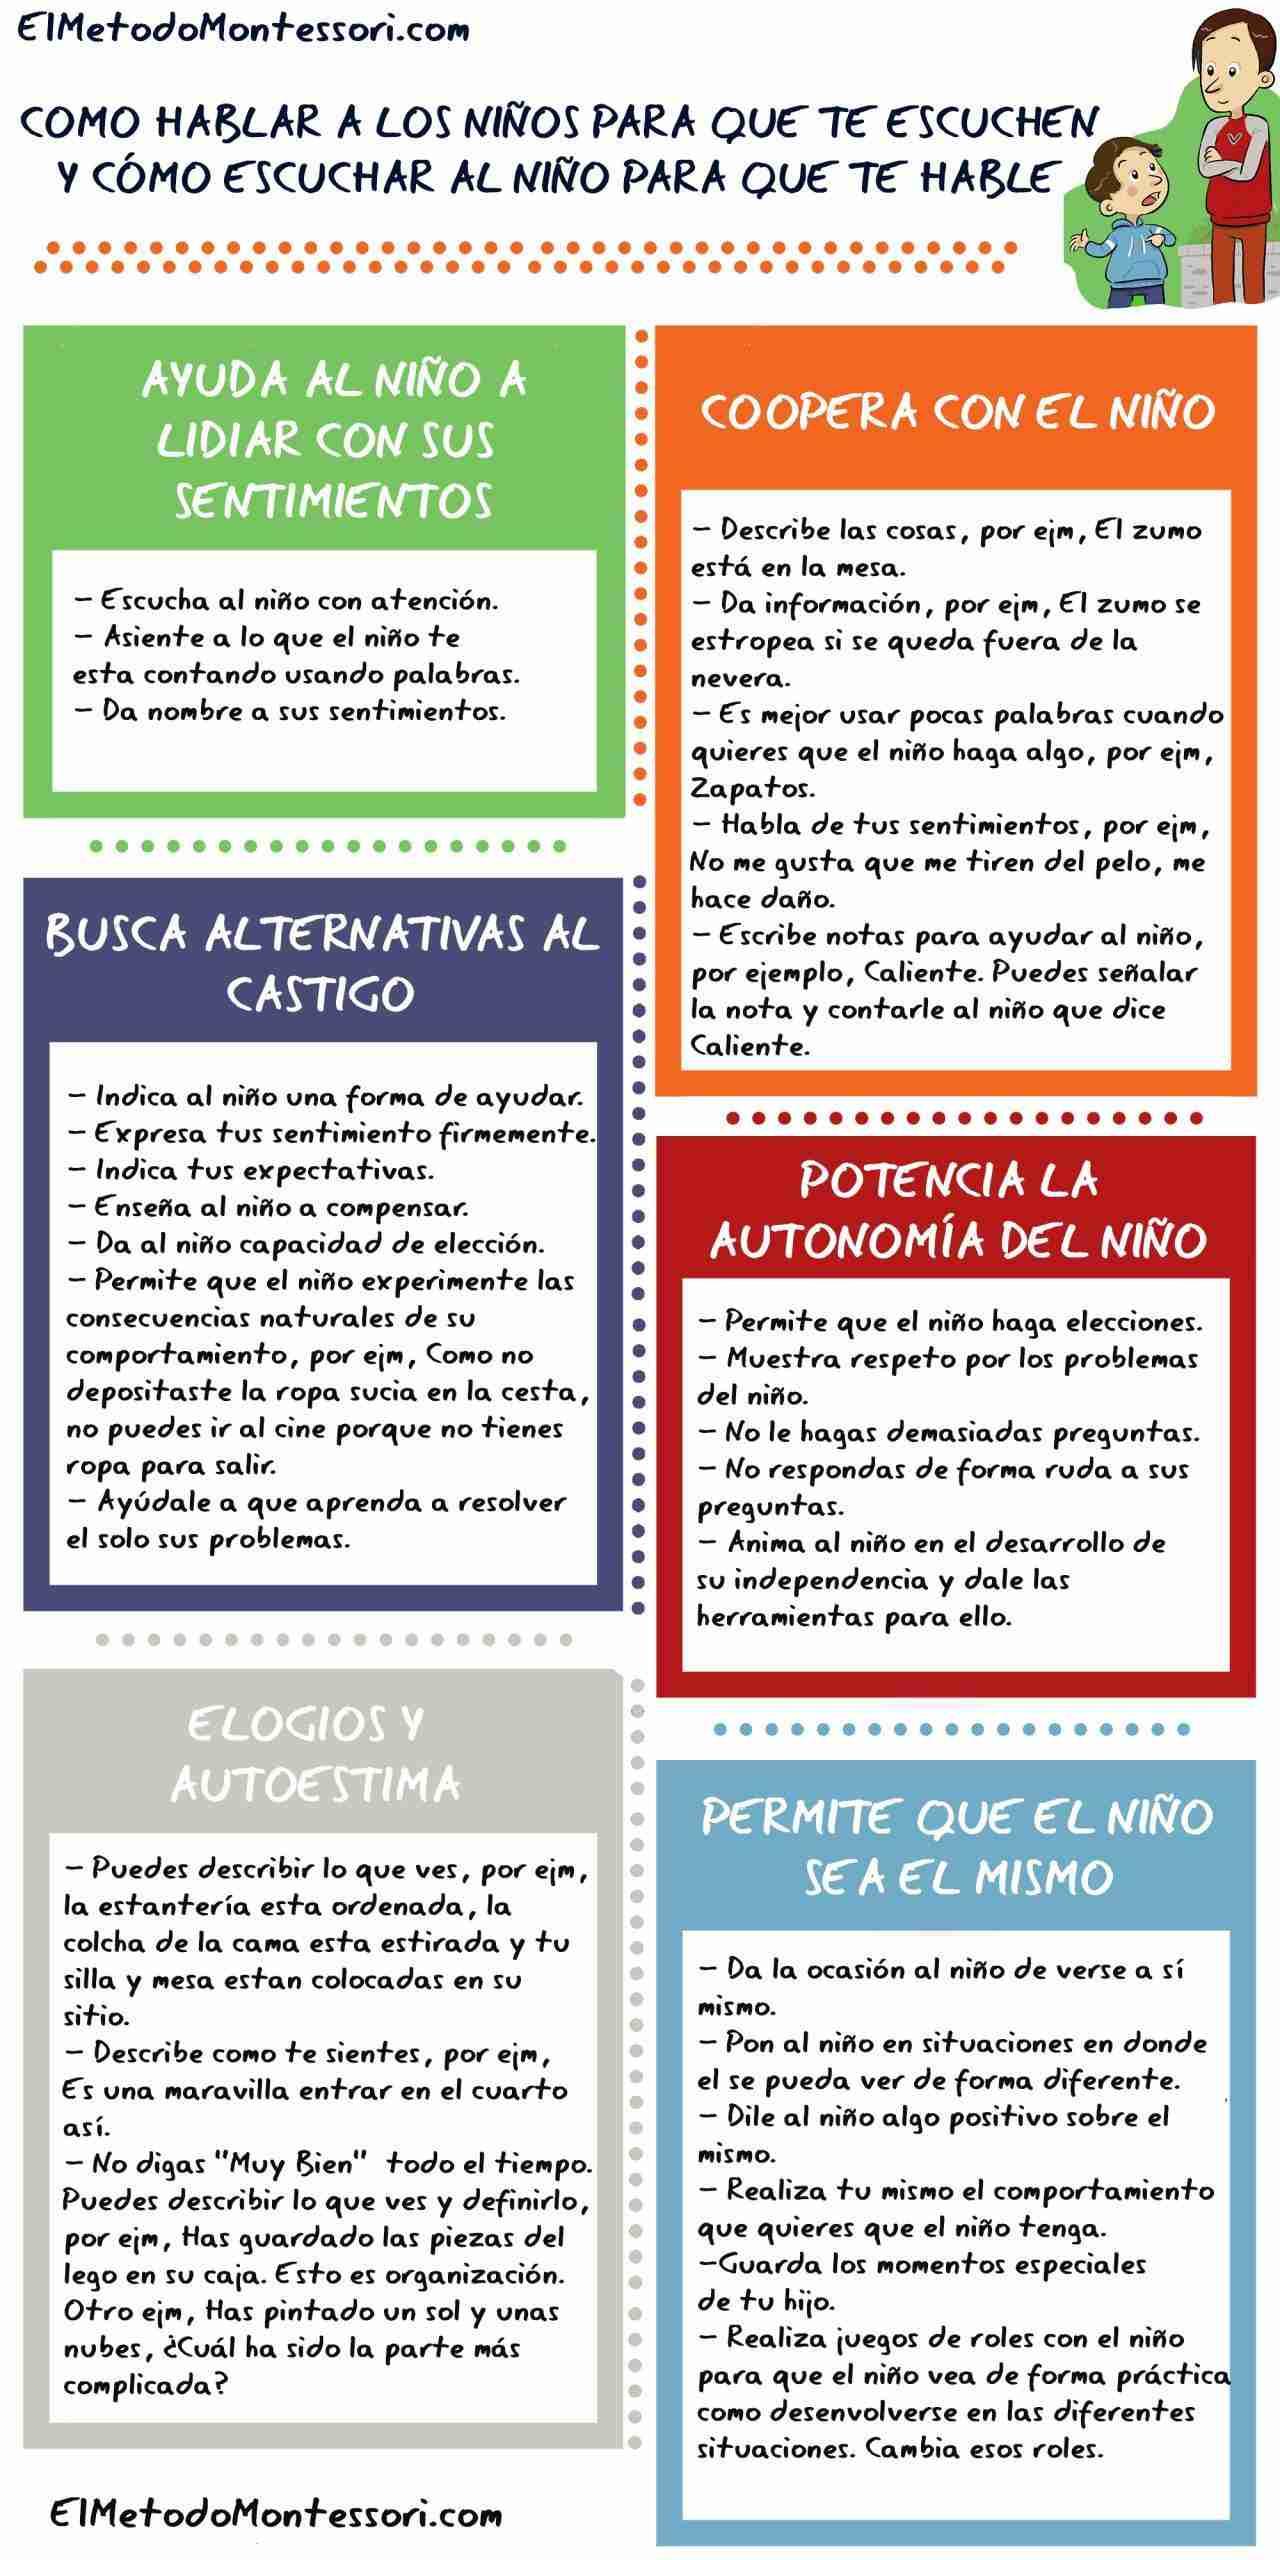 infografia como hablar a los niños